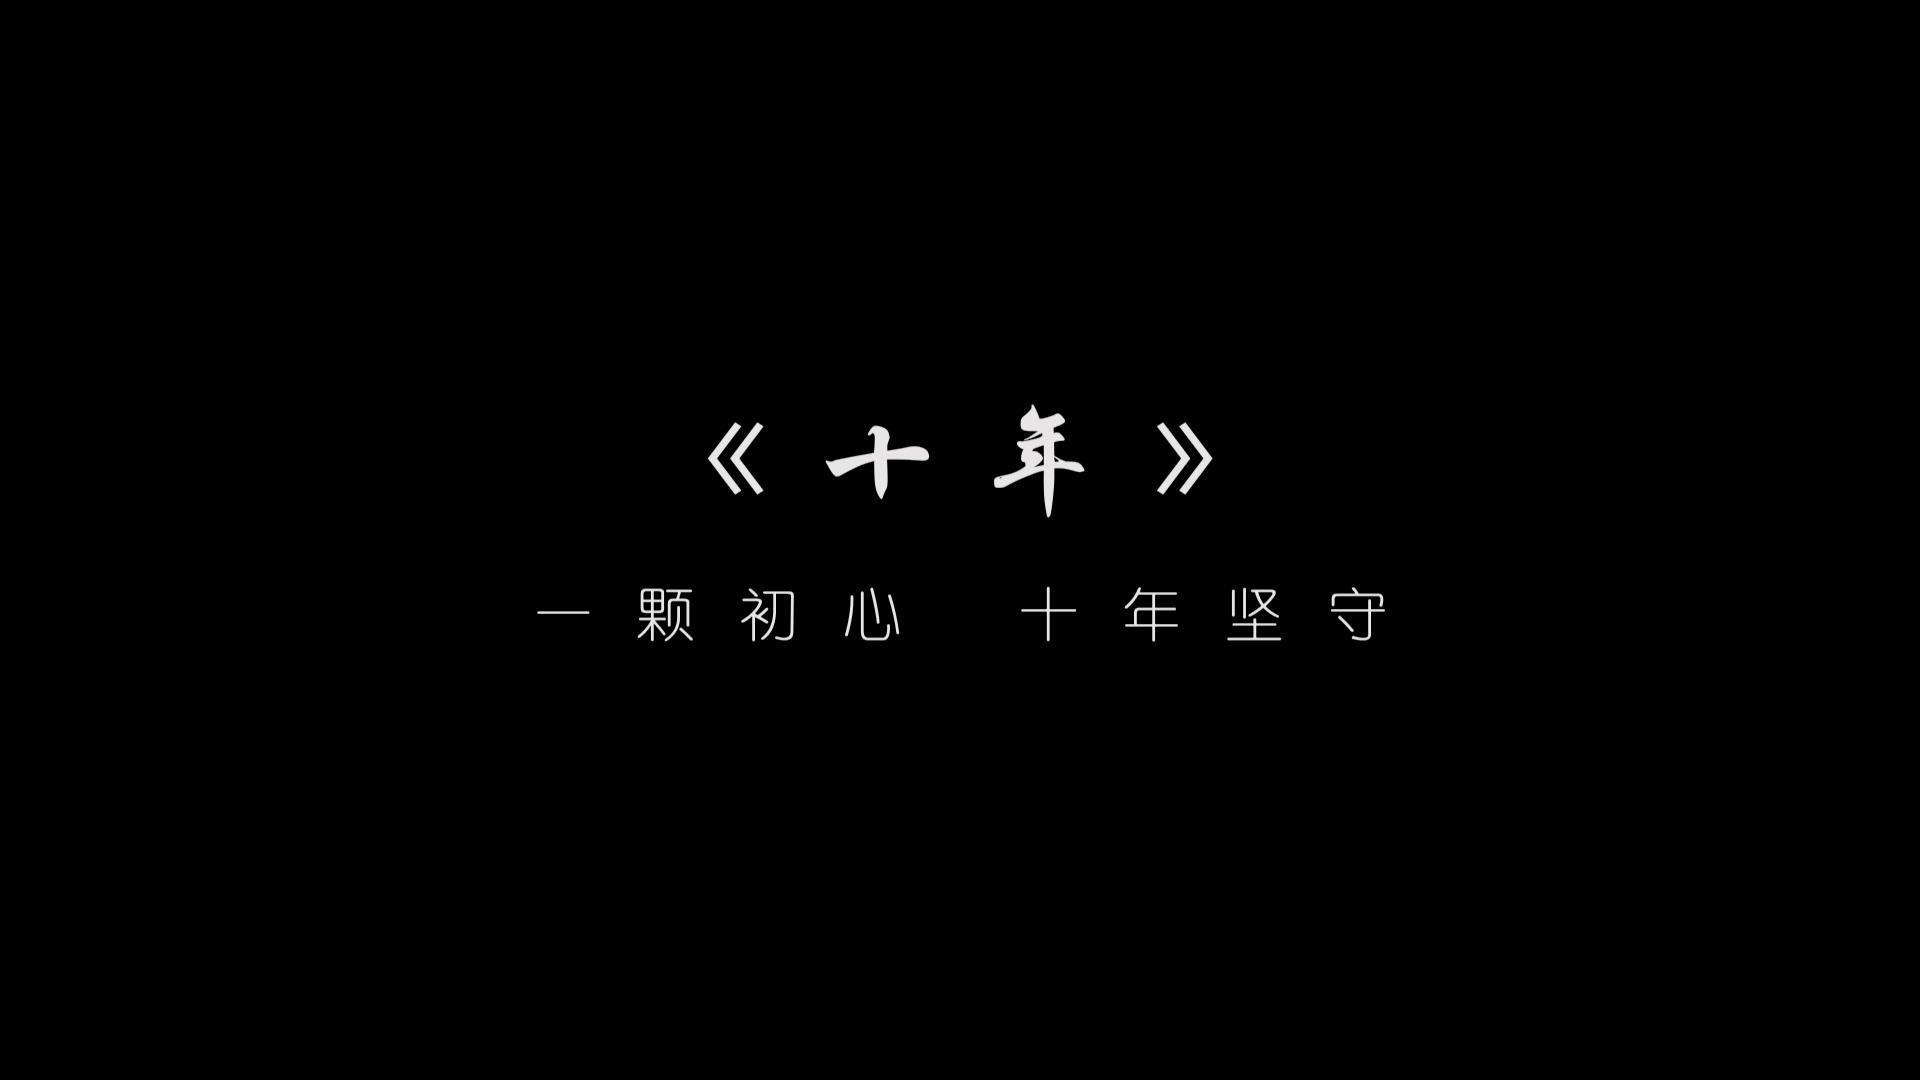 江蘇高雁:十年[00_03_25][20190513-153922].jpg